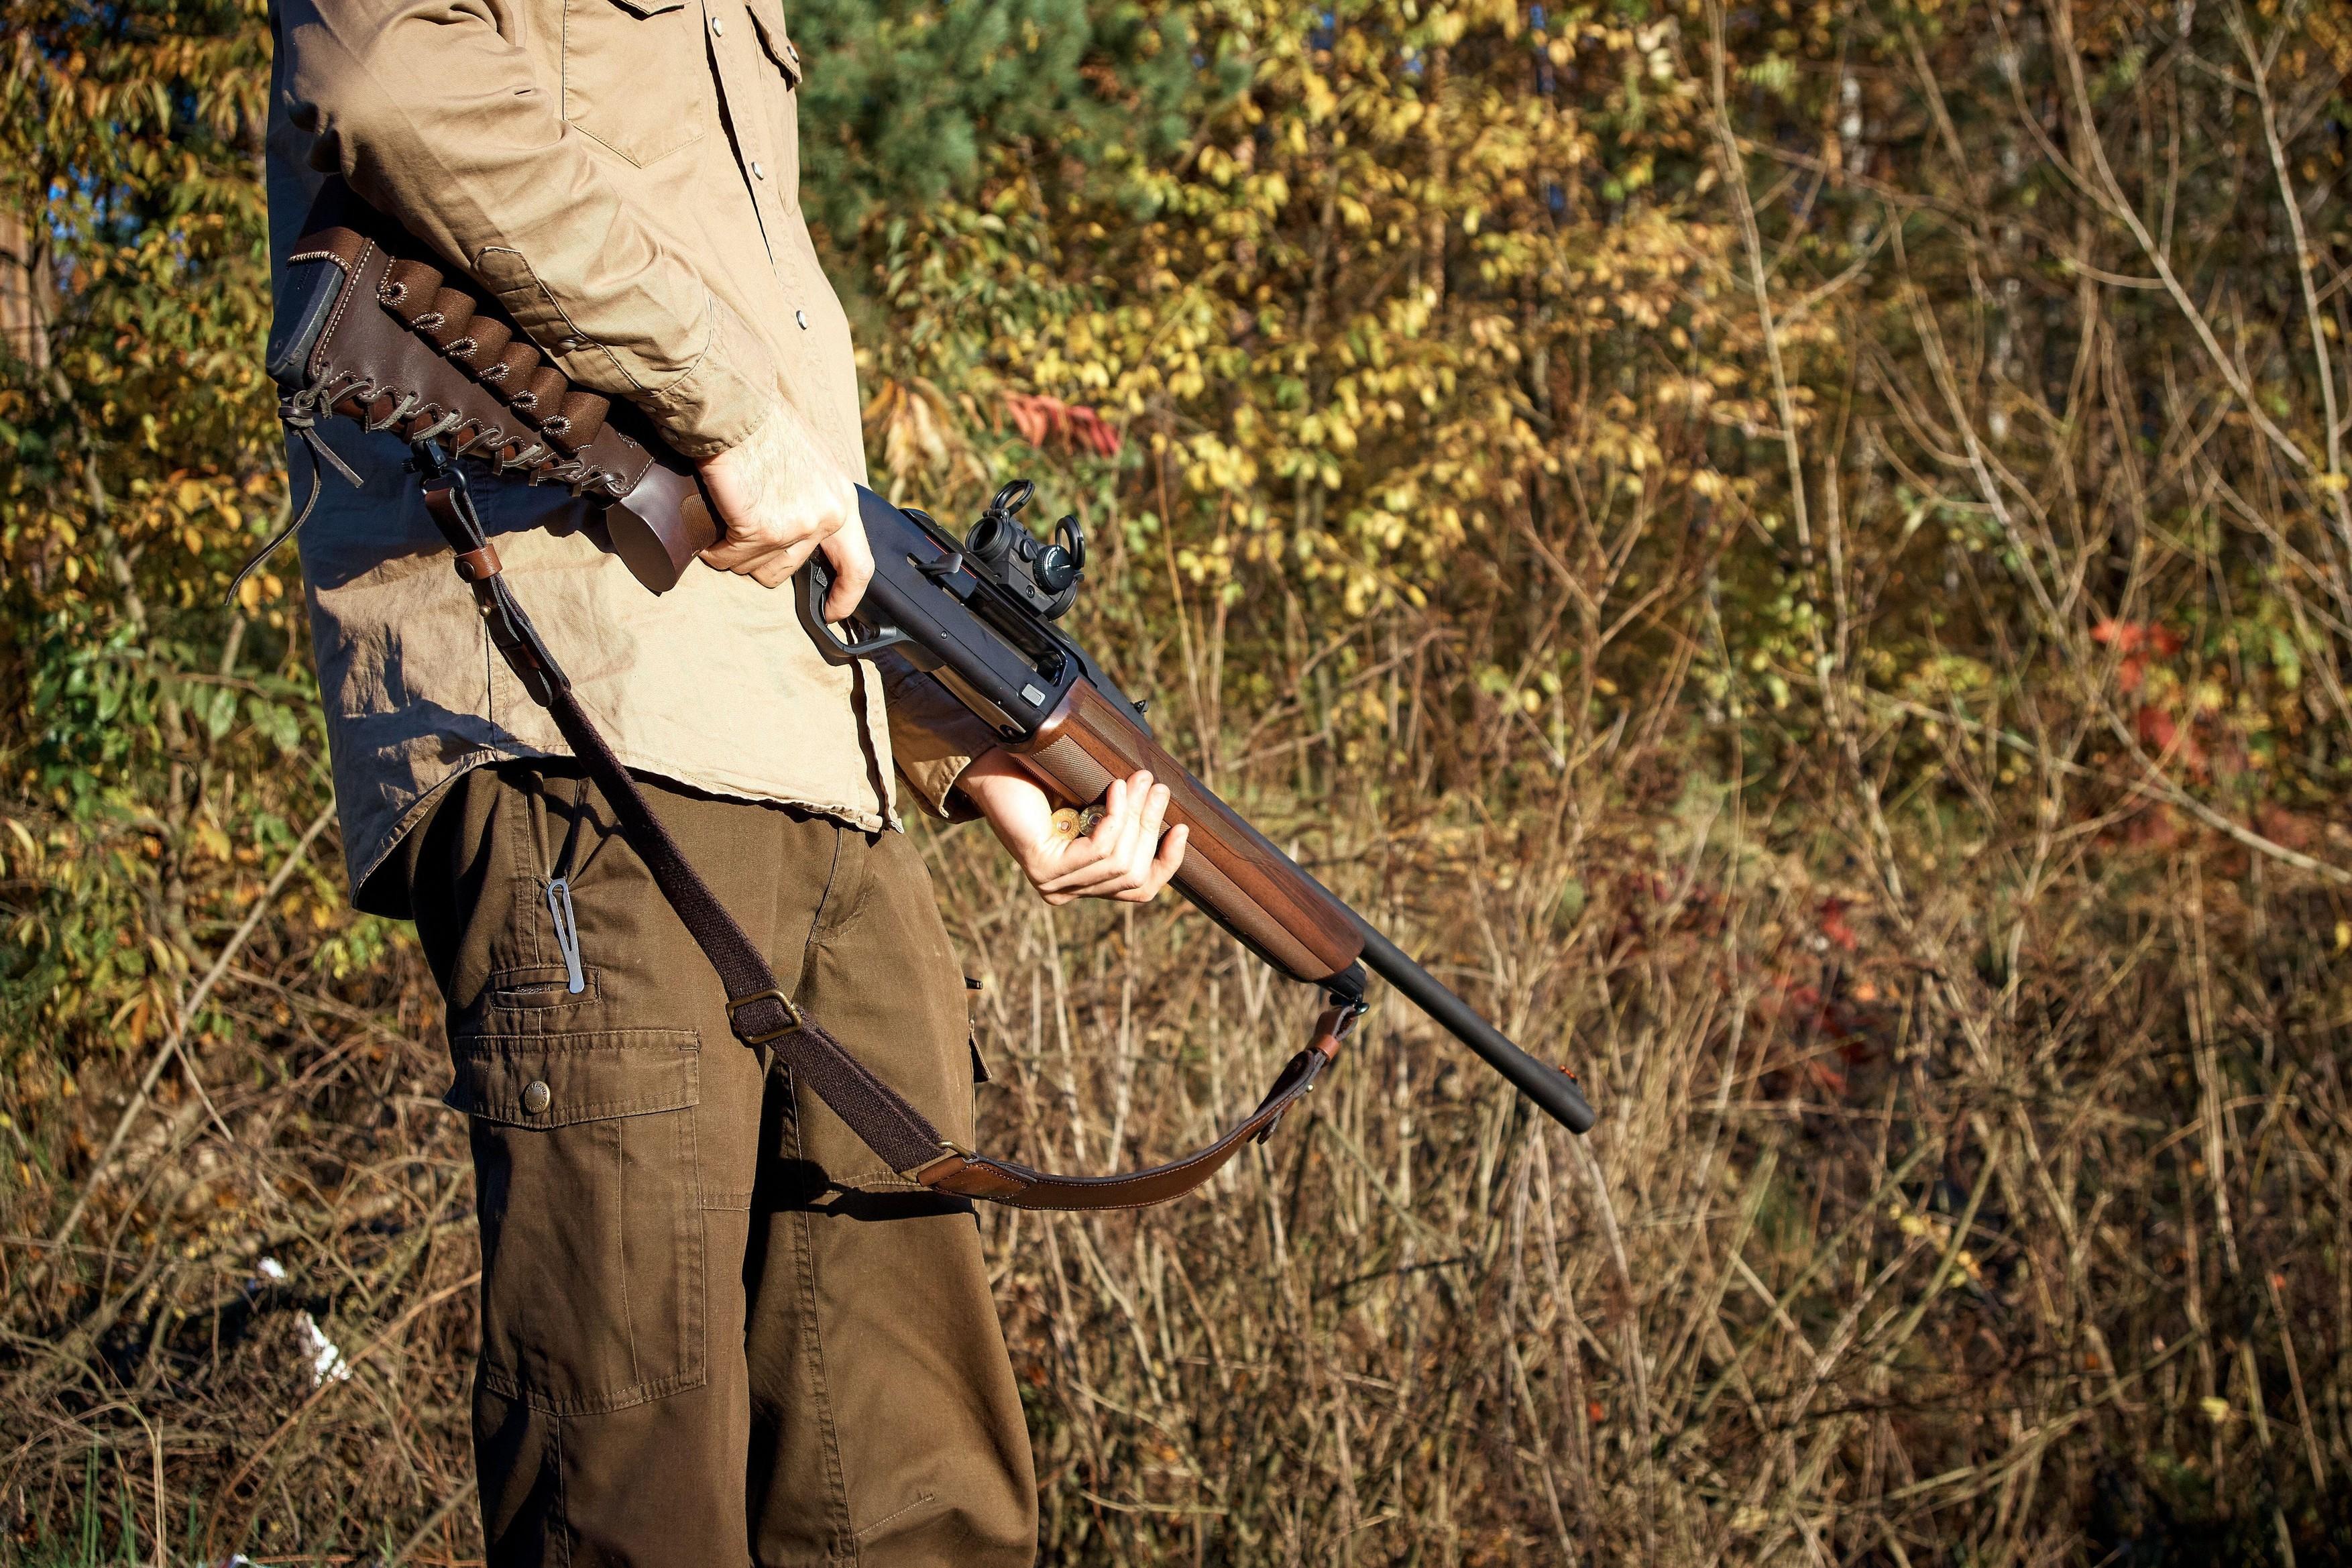 Accident de vânătoare în România. Un bărbat a fost împuşcat în cap